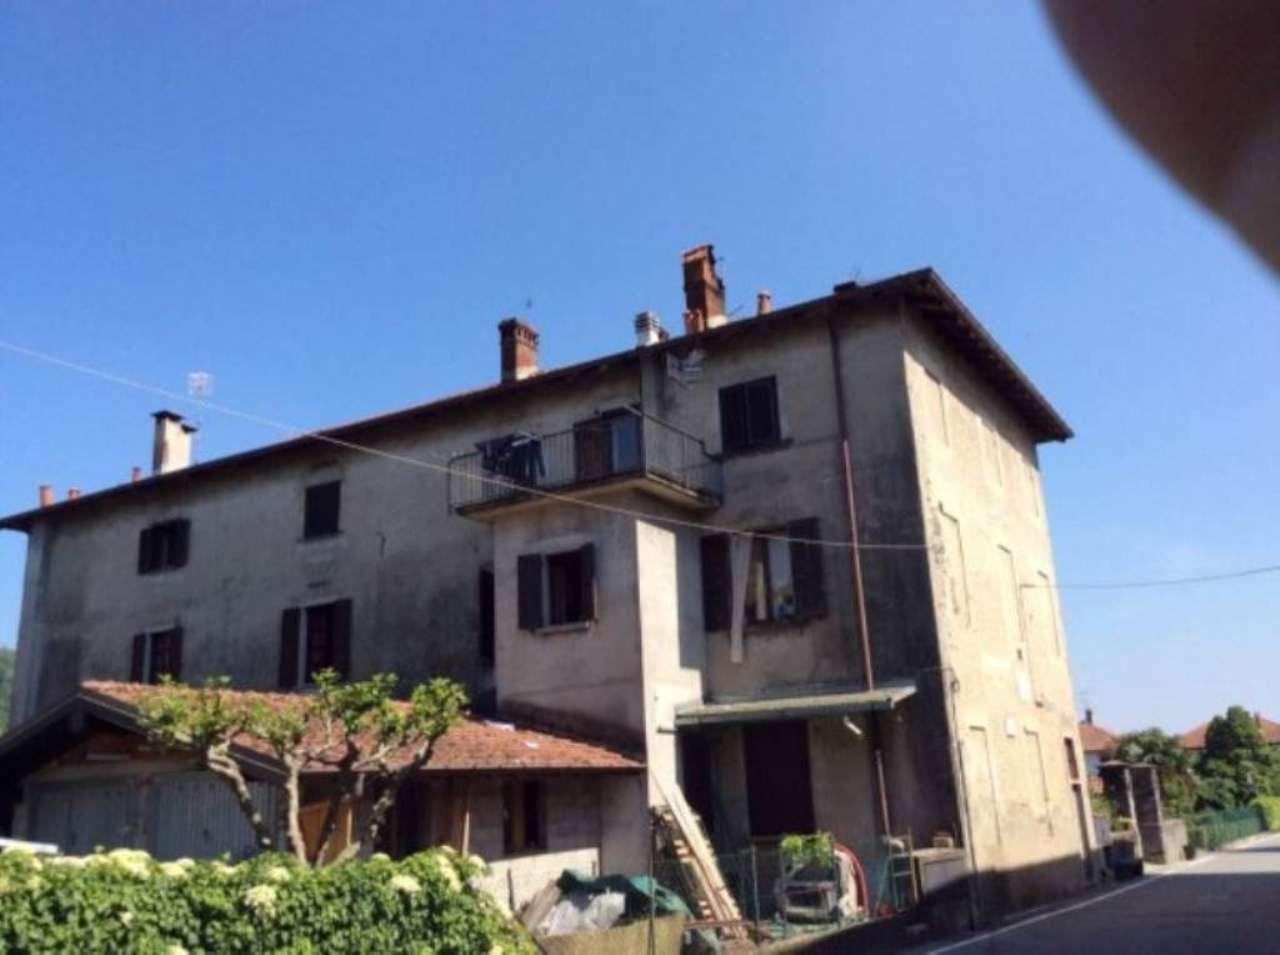 Appartamento in vendita a Leggiuno, 3 locali, prezzo € 55.000 | Cambio Casa.it